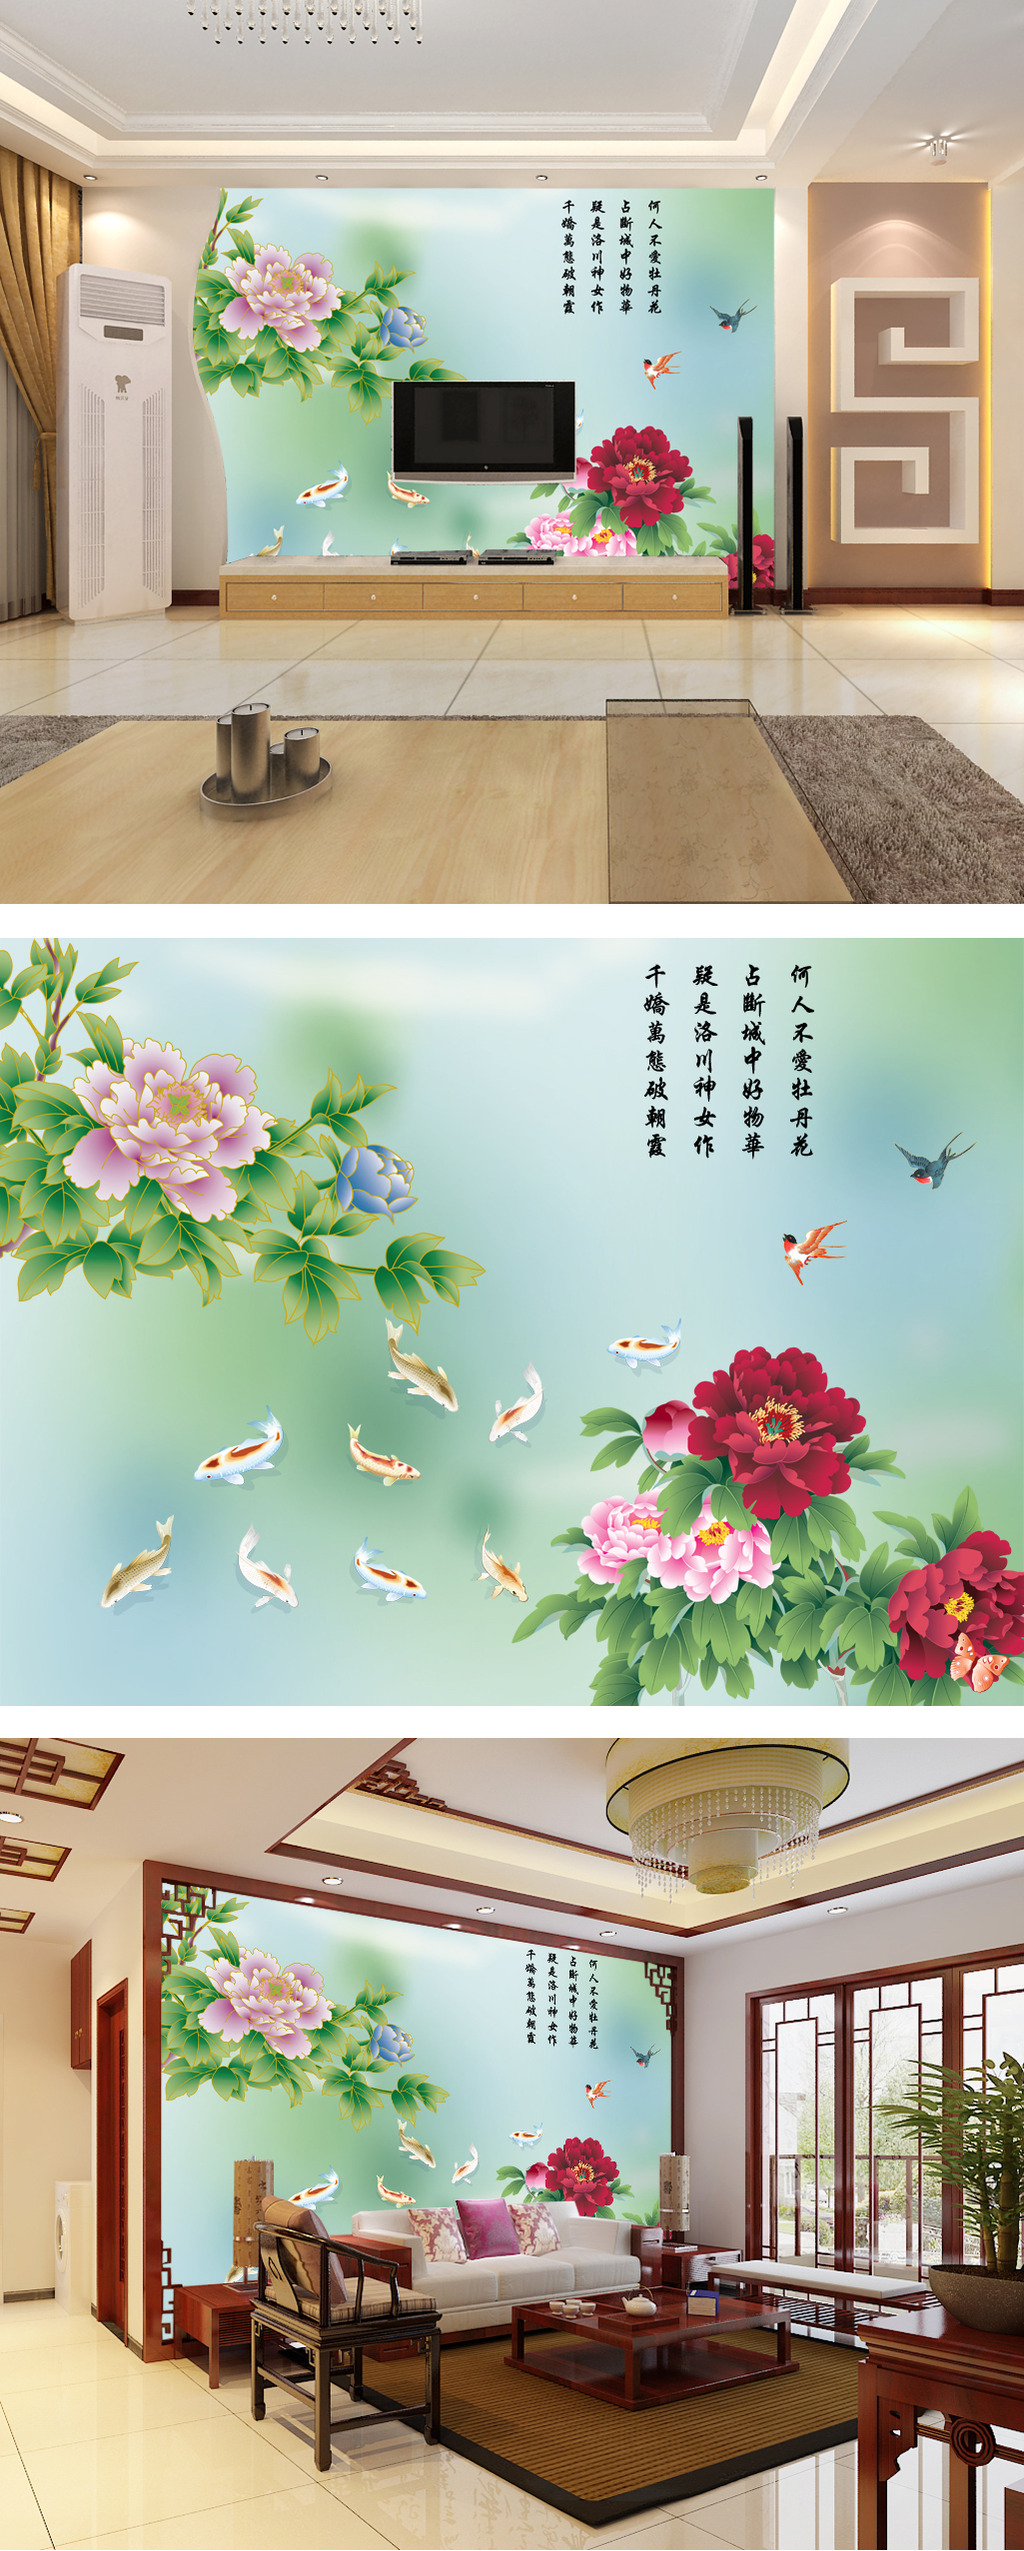 高清手绘牡丹花鸟电视背景墙